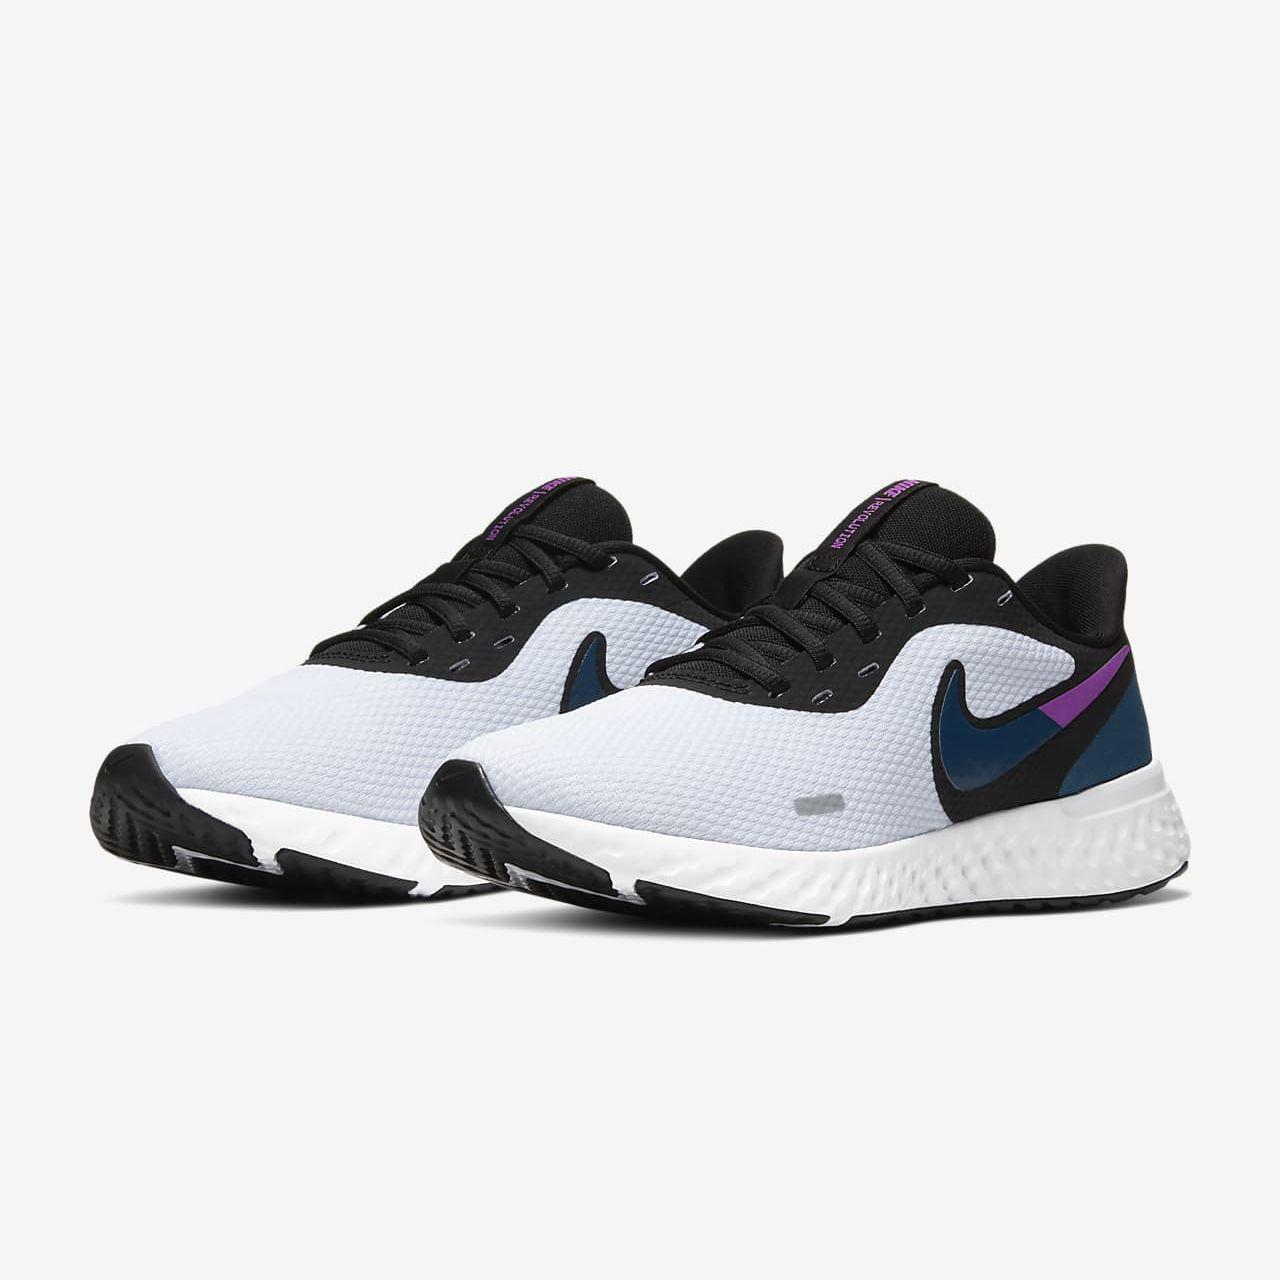 کفش مخصوص دویدن زنانه نایکی مدل BQ3207-102 -  - 7